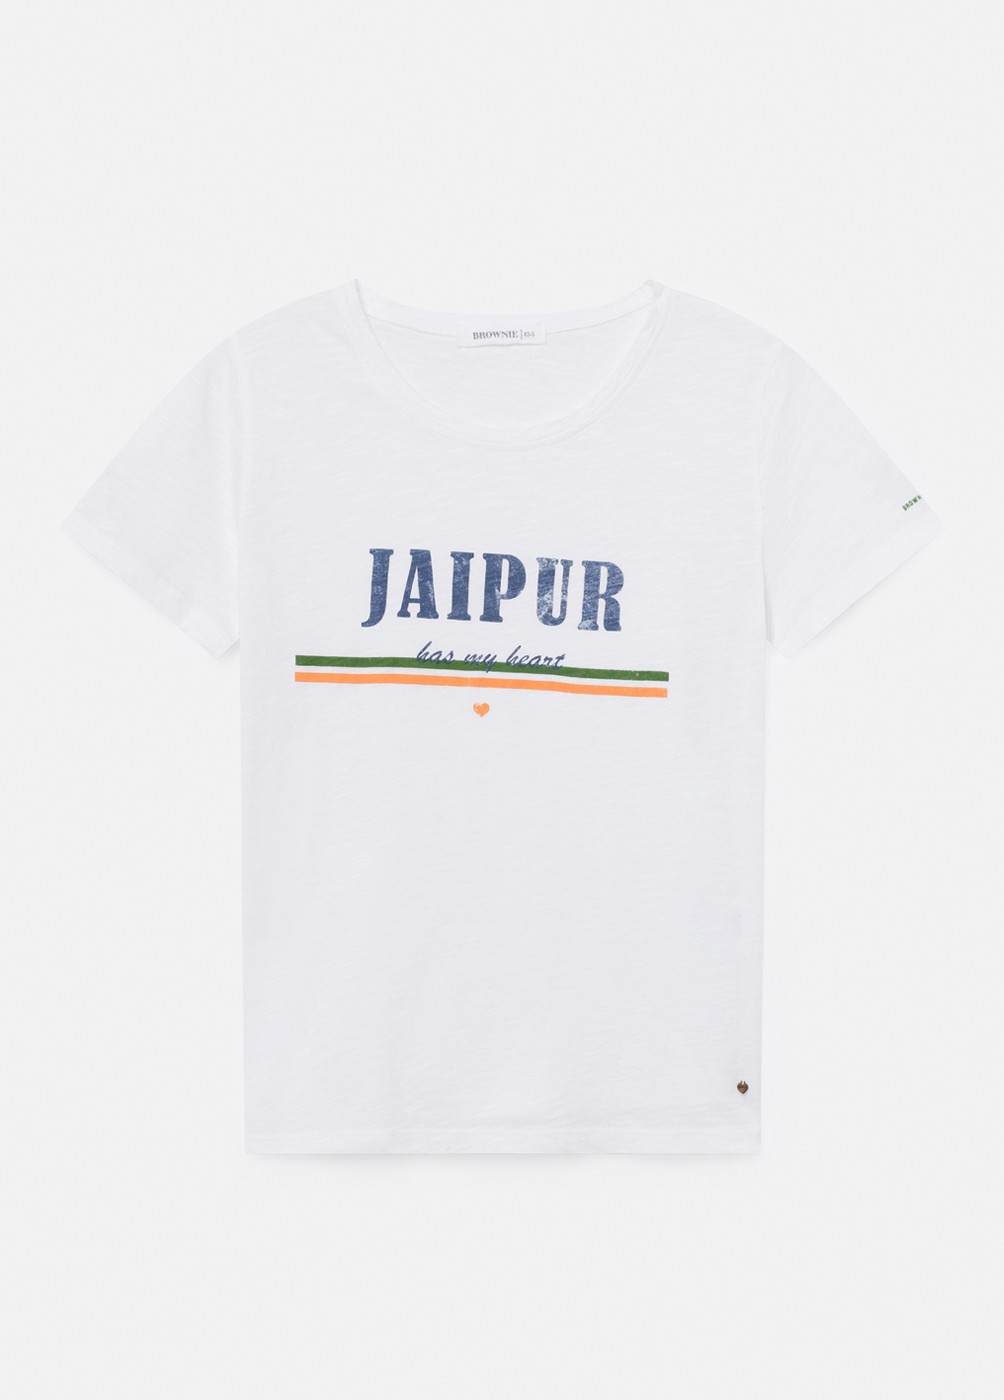 CAMISETA JAIPUR JAIPUR